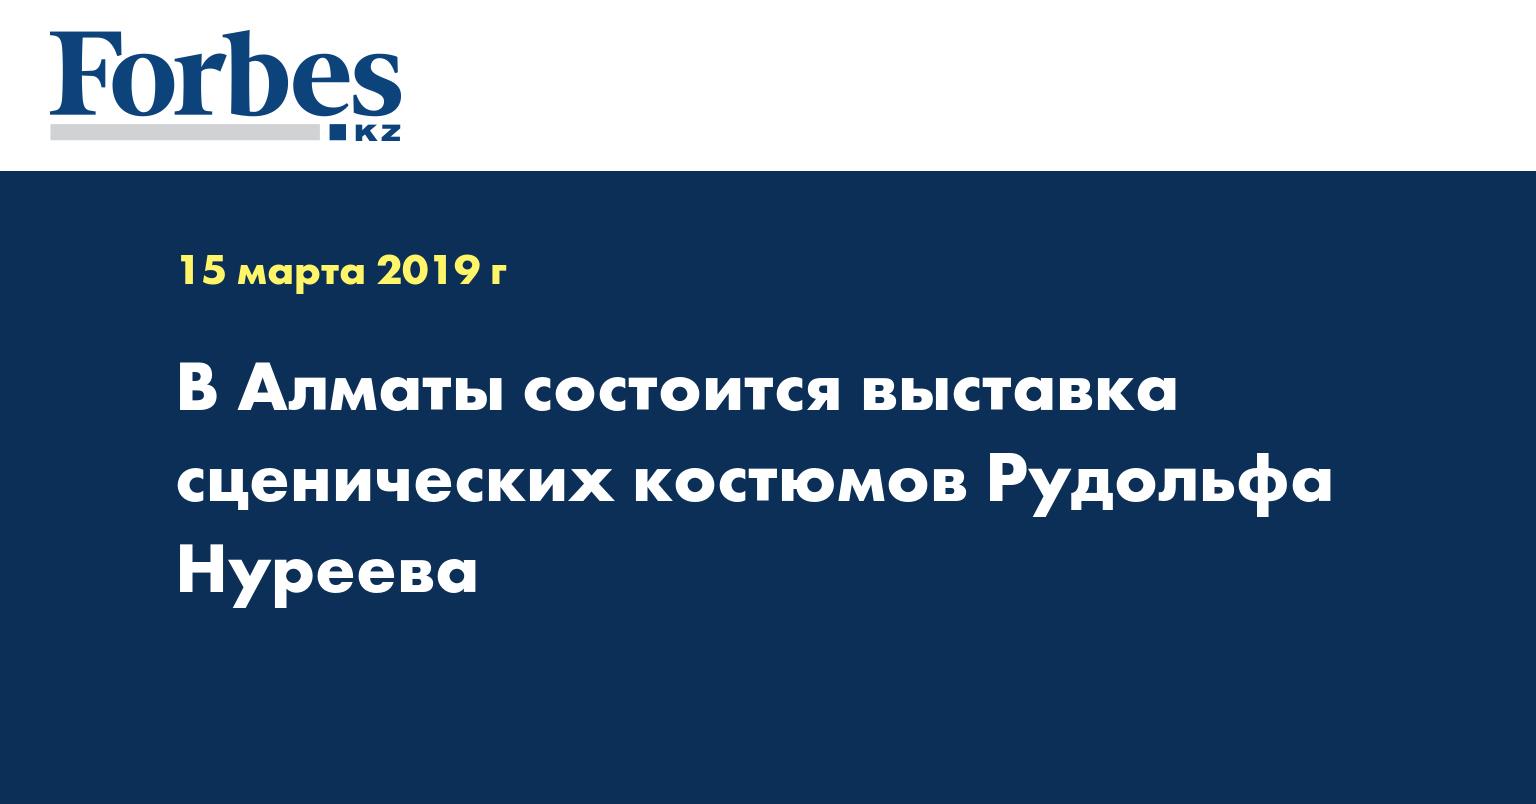 В Алматы состоится выставка сценических костюмов Рудольфа Нуреева